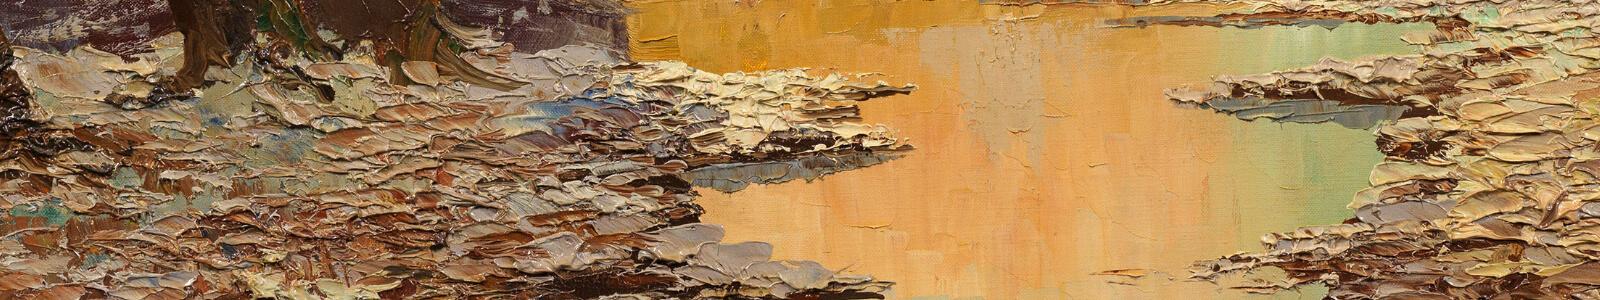 Auction No. 181 / Part IV: Vintage, paintings, photography, autographs